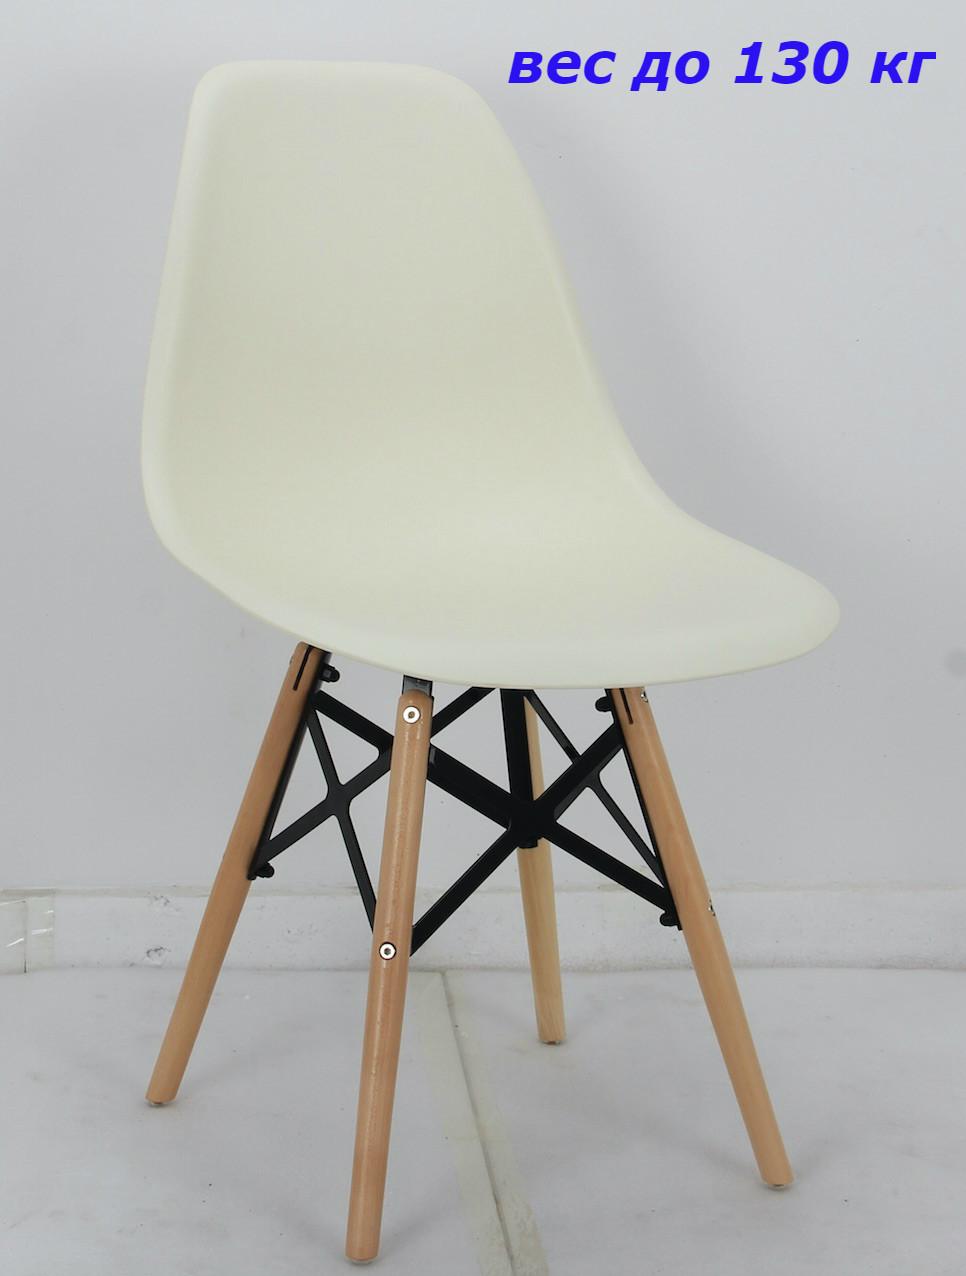 Усиленный стул из пластика Nik – XXL (Ник) на деревянных ножках